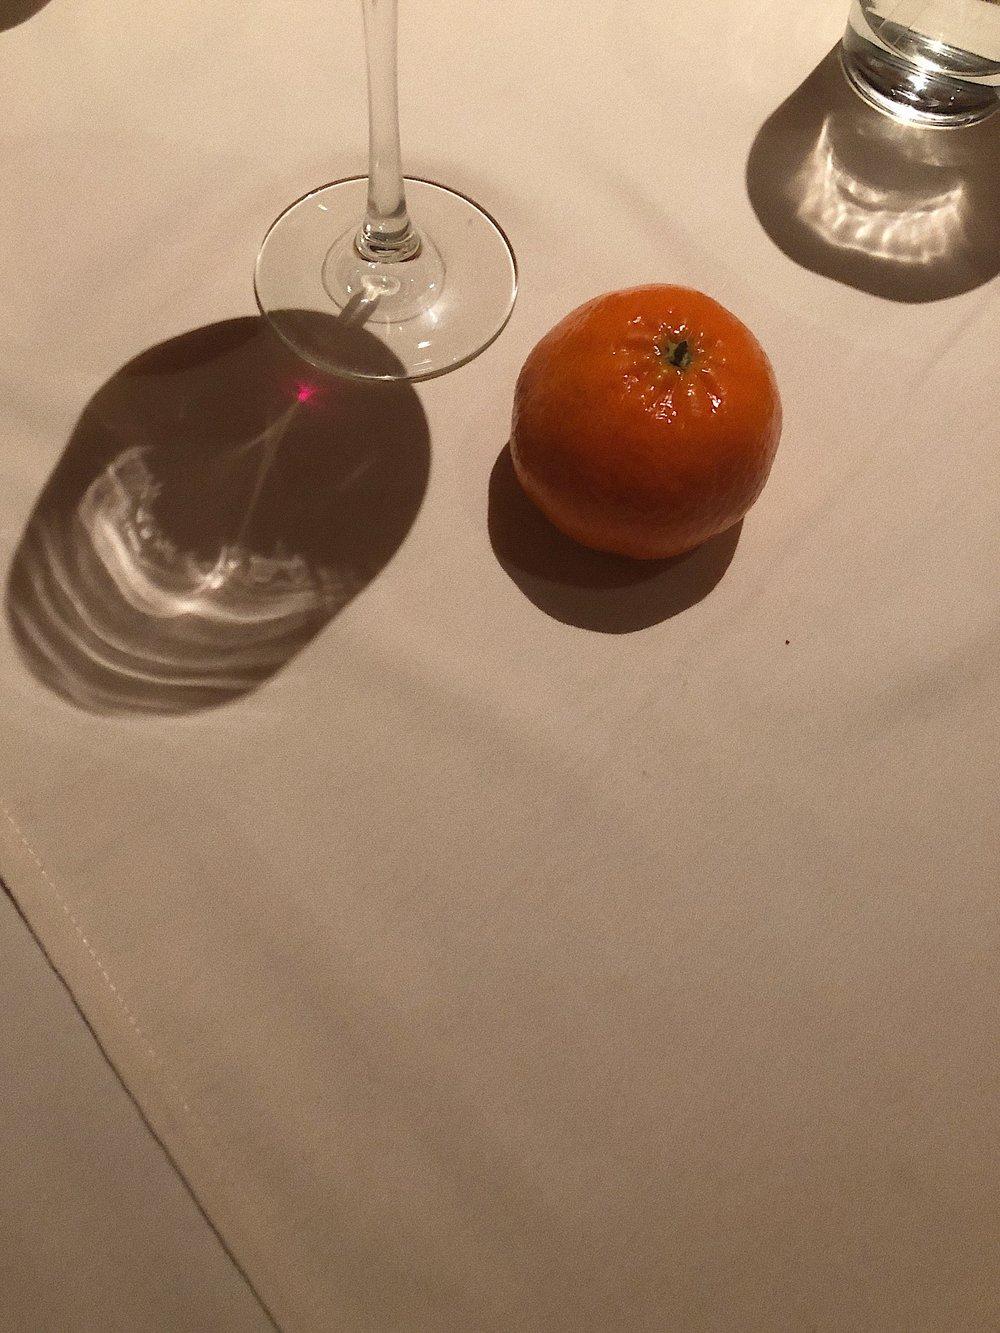 Mandarins represent fullness and wealth